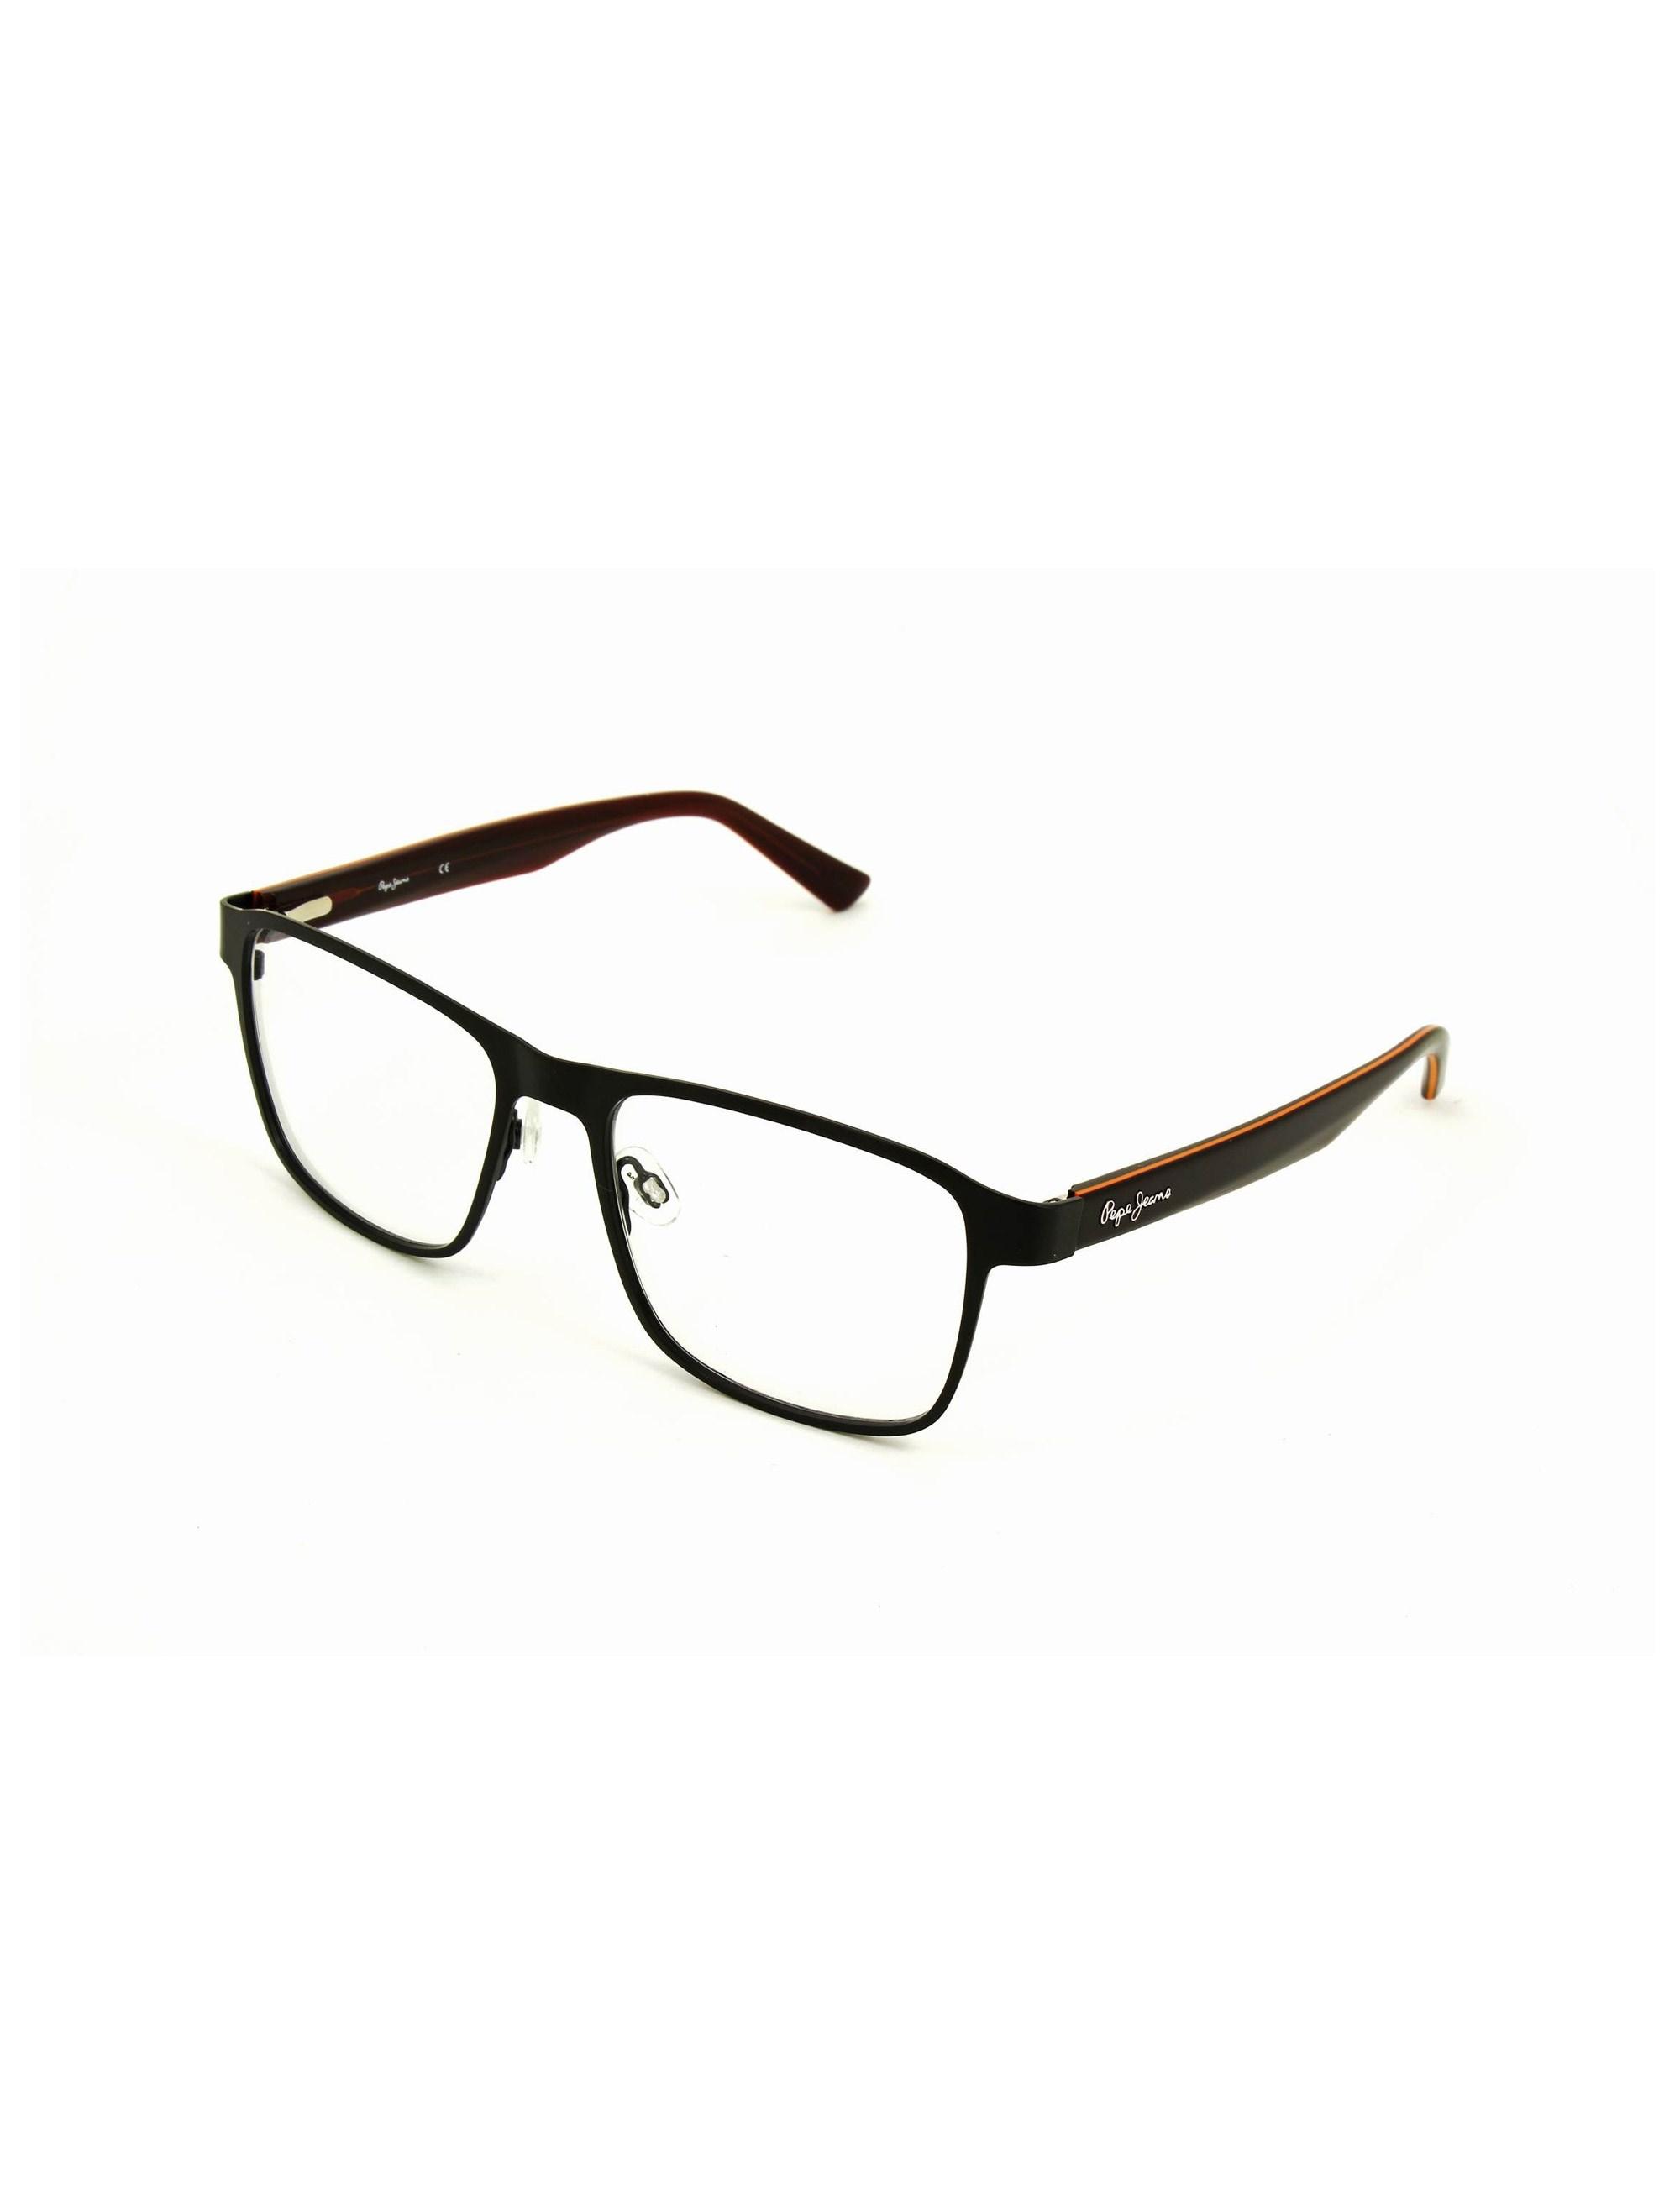 عینک طبی ویفرر مردانه - پپه جینز - مشکي  - 1